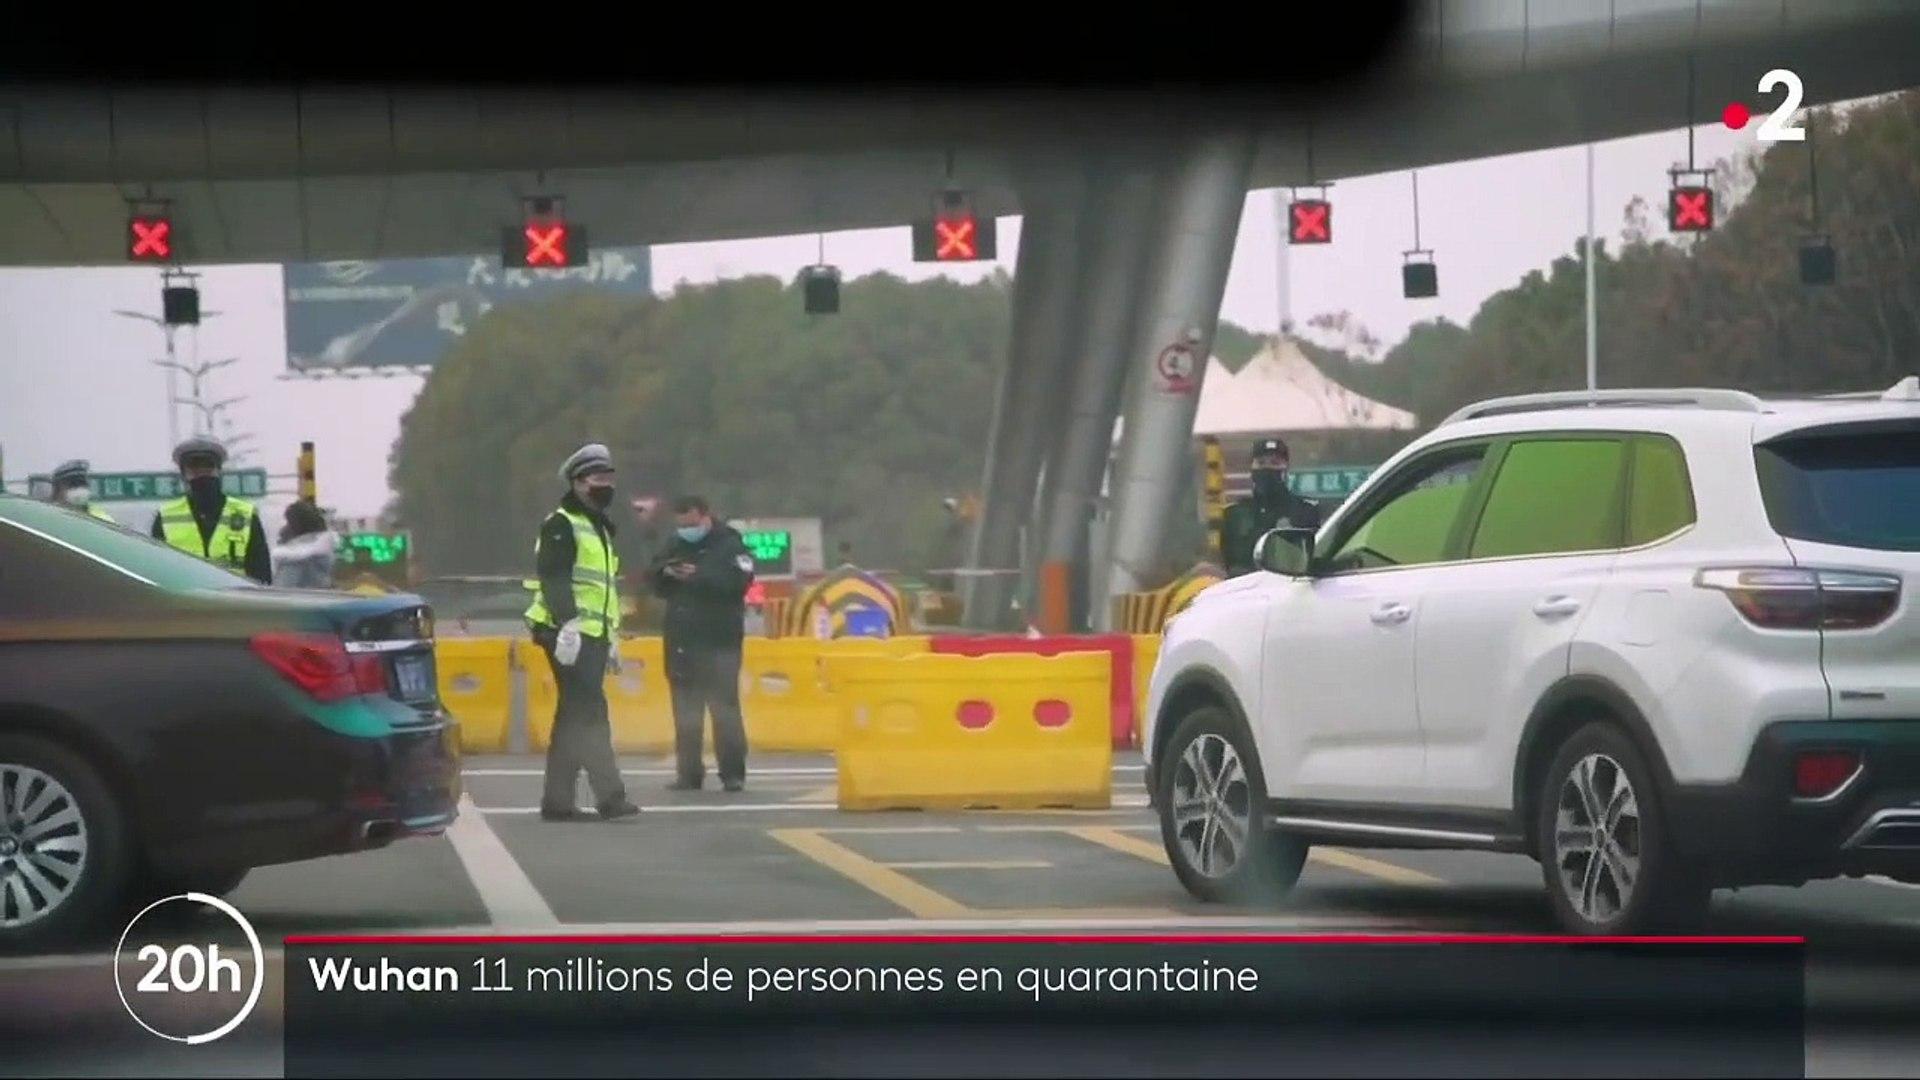 Virus de Wuhan : 11 millions de personnes en quarantaine